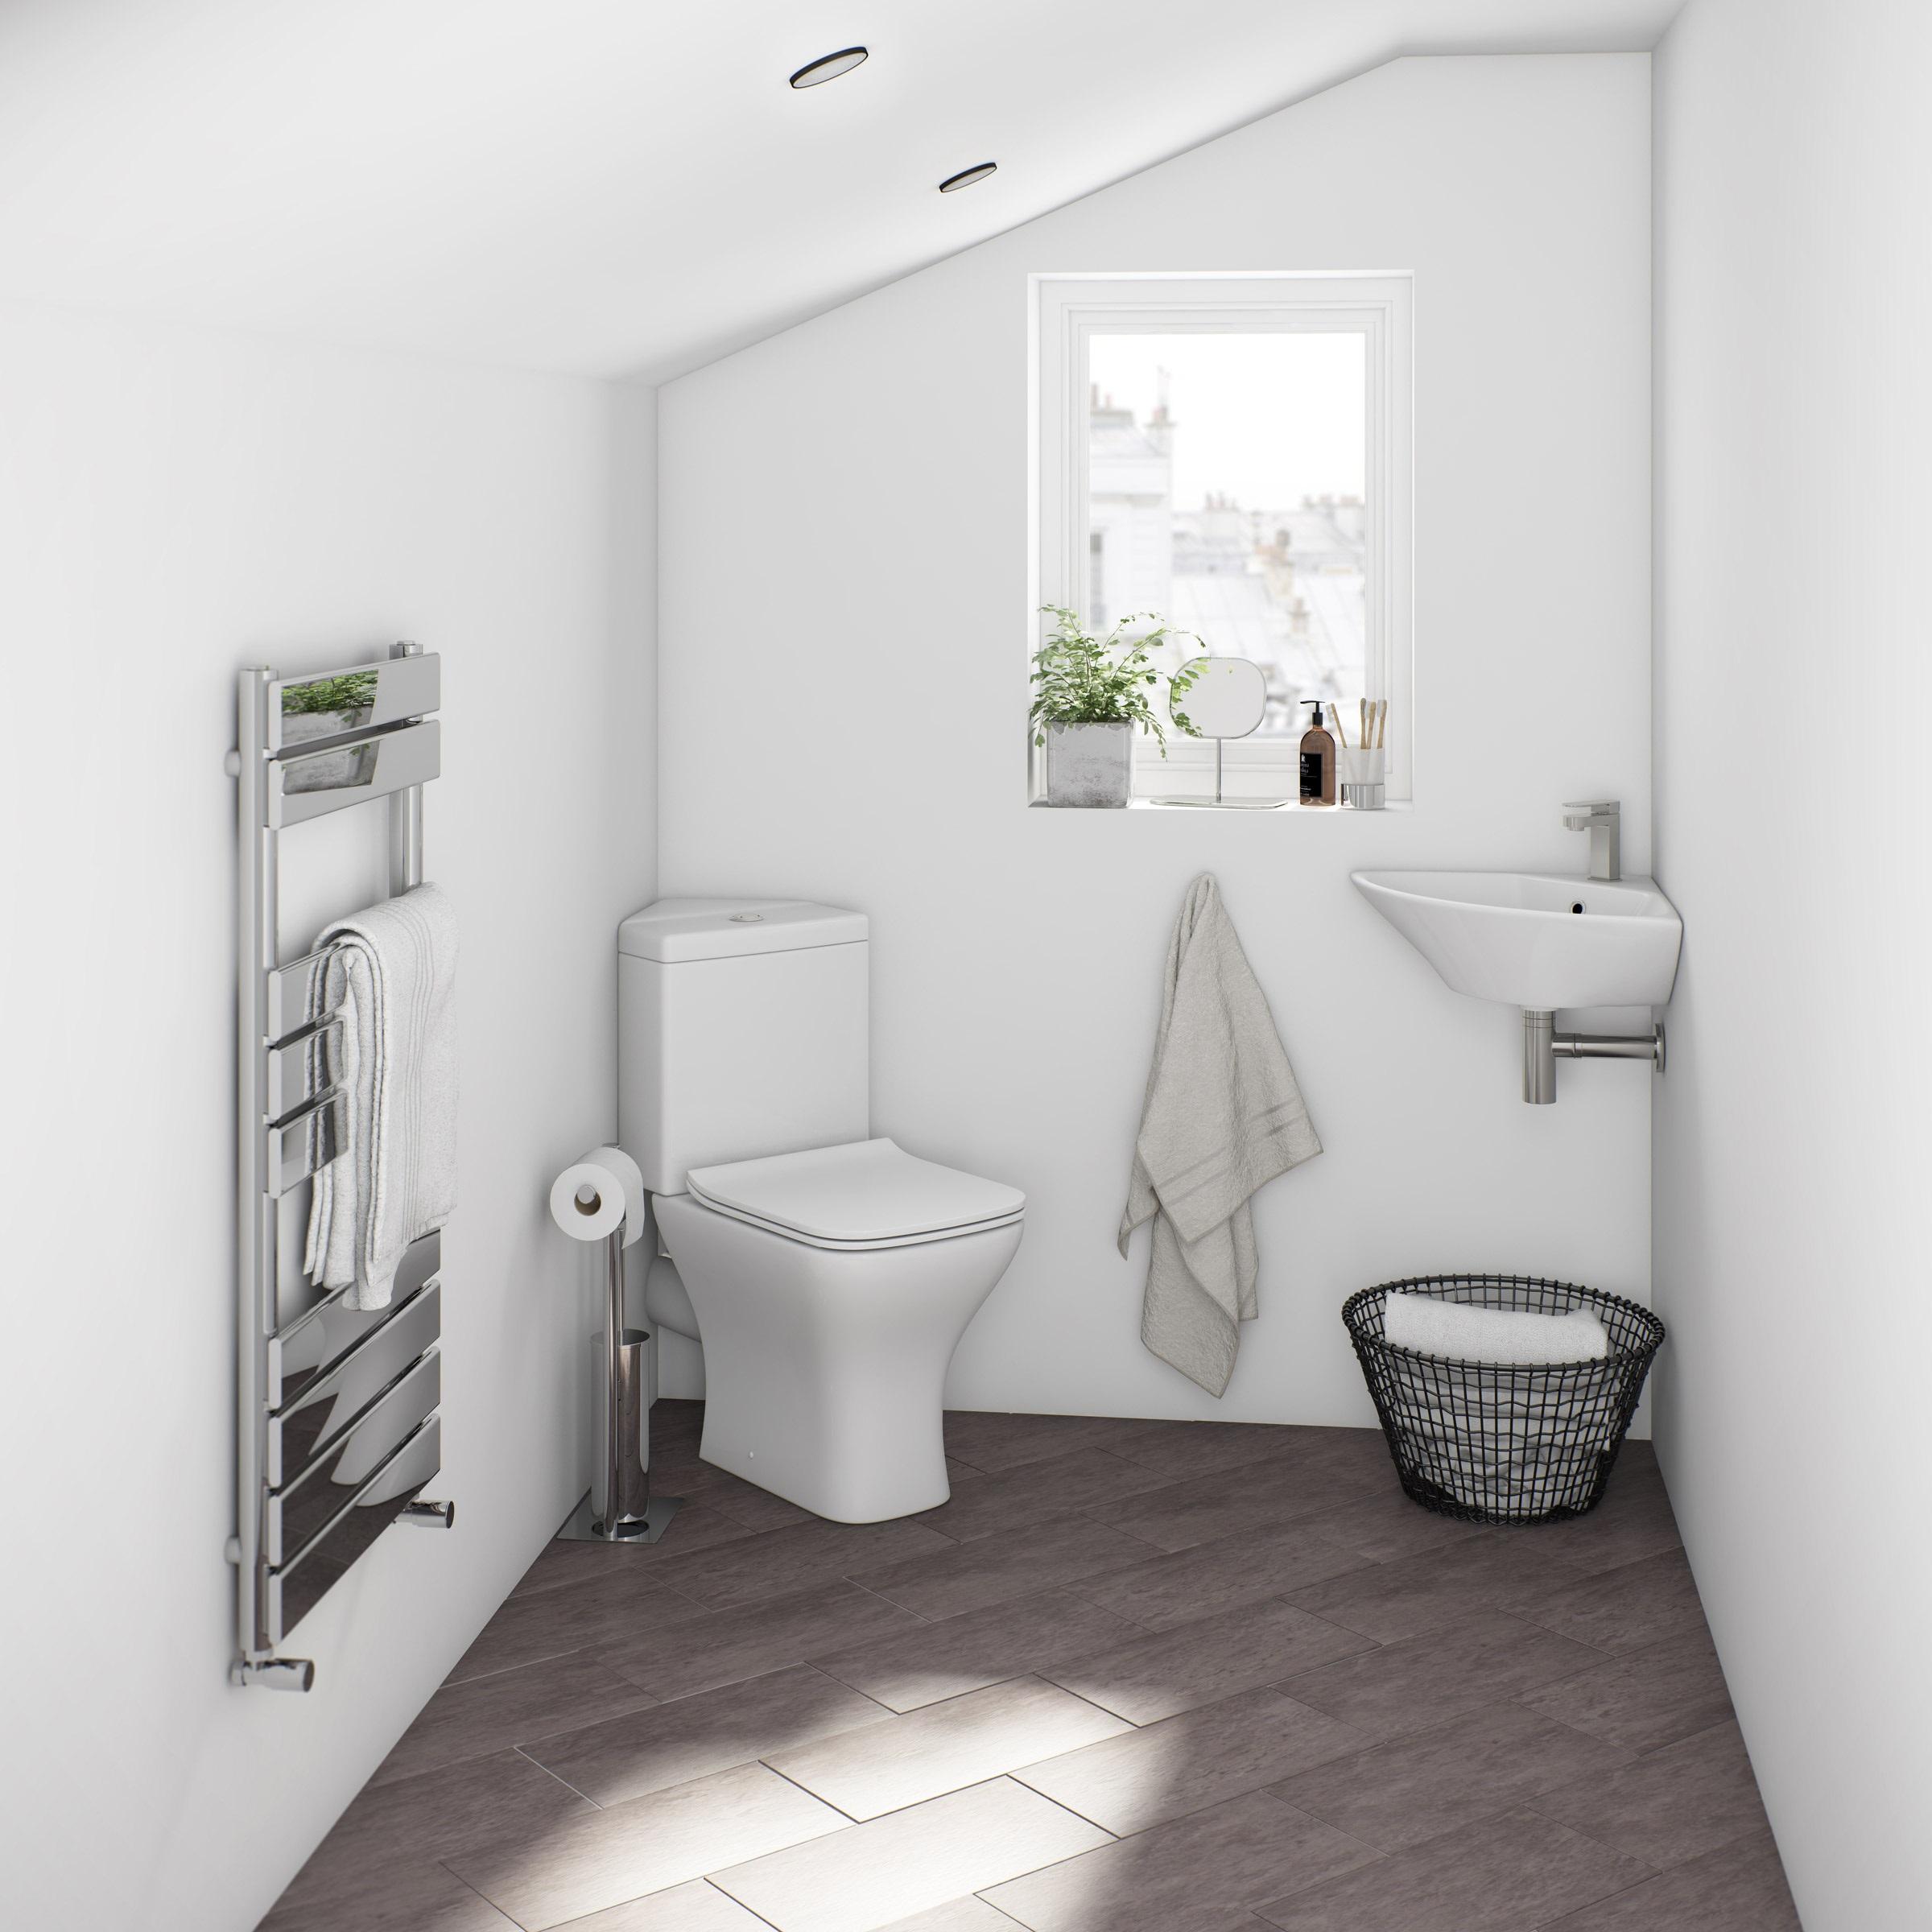 Ajoutez quelques plantes à votre salle de bains pour créer une atmosphere plus accueillante.